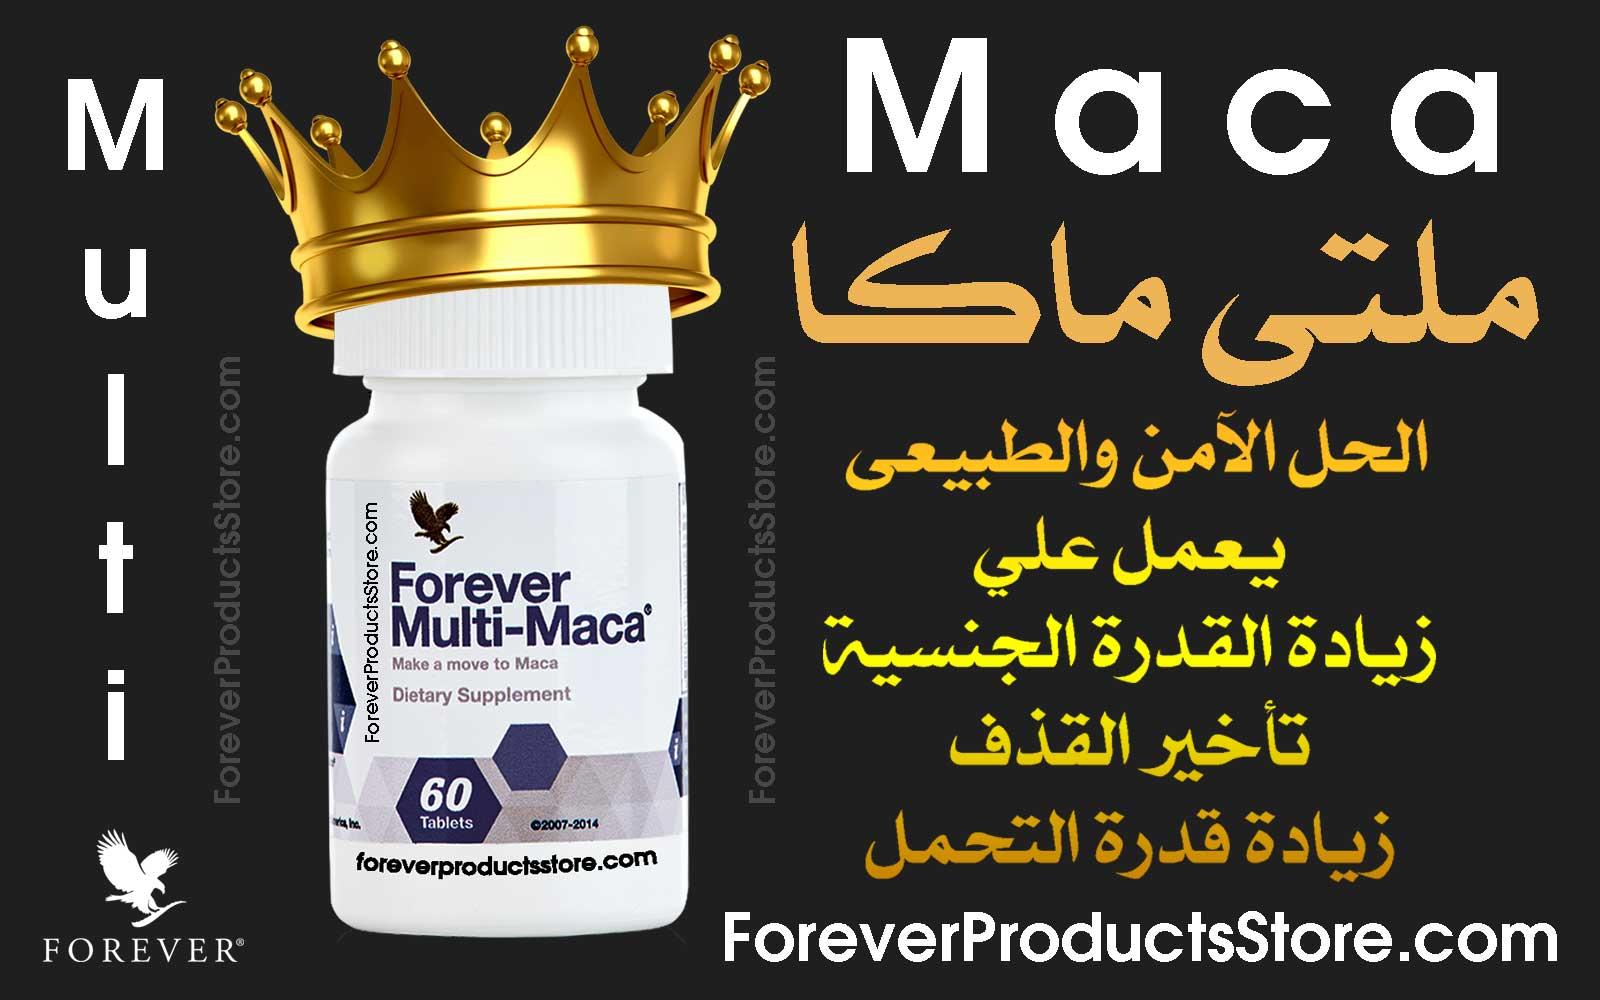 فوريفر ملتي ماكا -Multi Maca